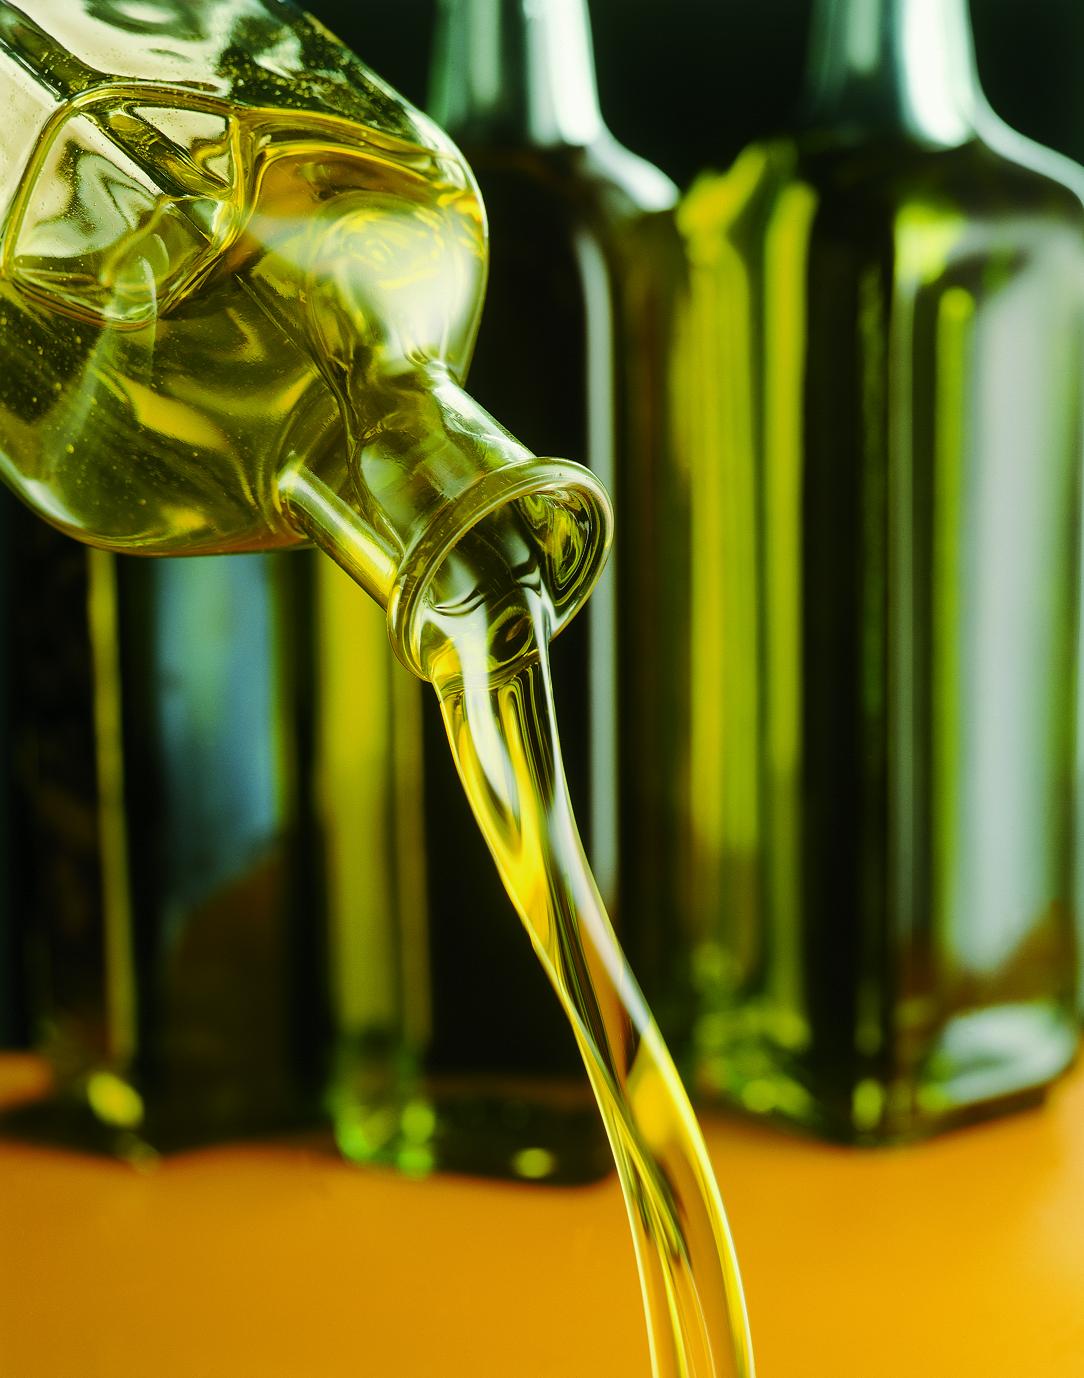 COAG reclama a la Comisión Europea que sea «más escrupulosa» y no «infle» los datos de producción de aceite de oliva